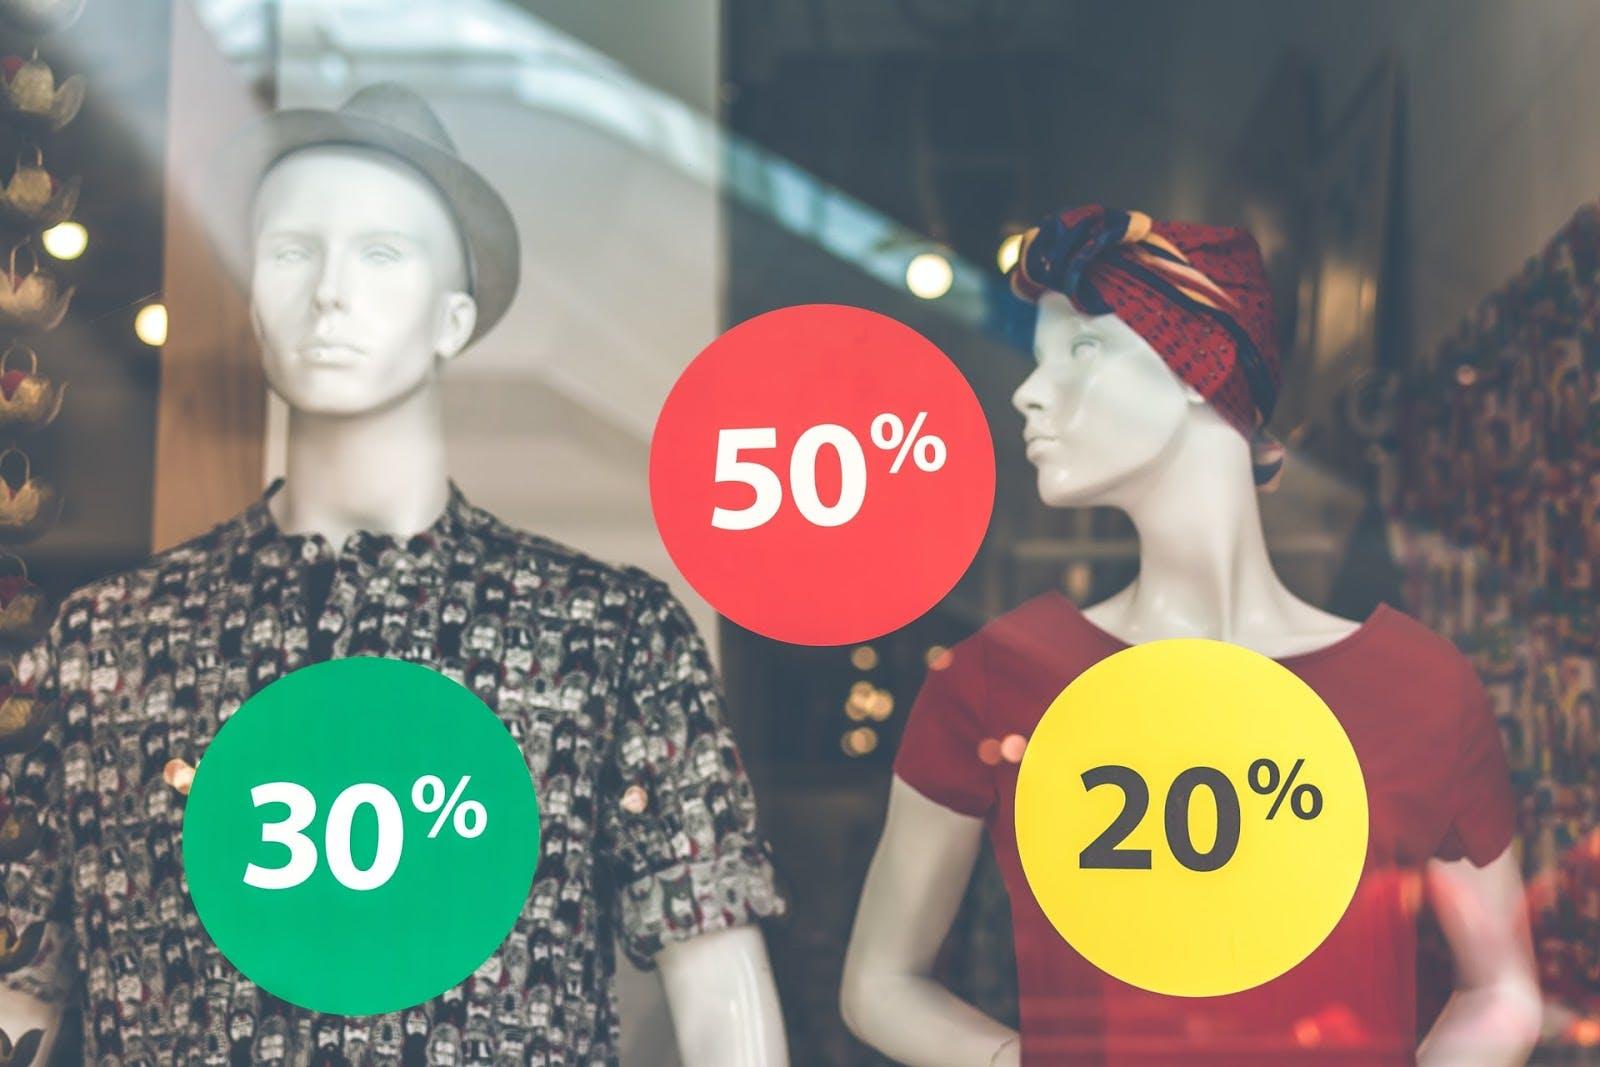 promozioni per aumentare le vendite e attirare clienti